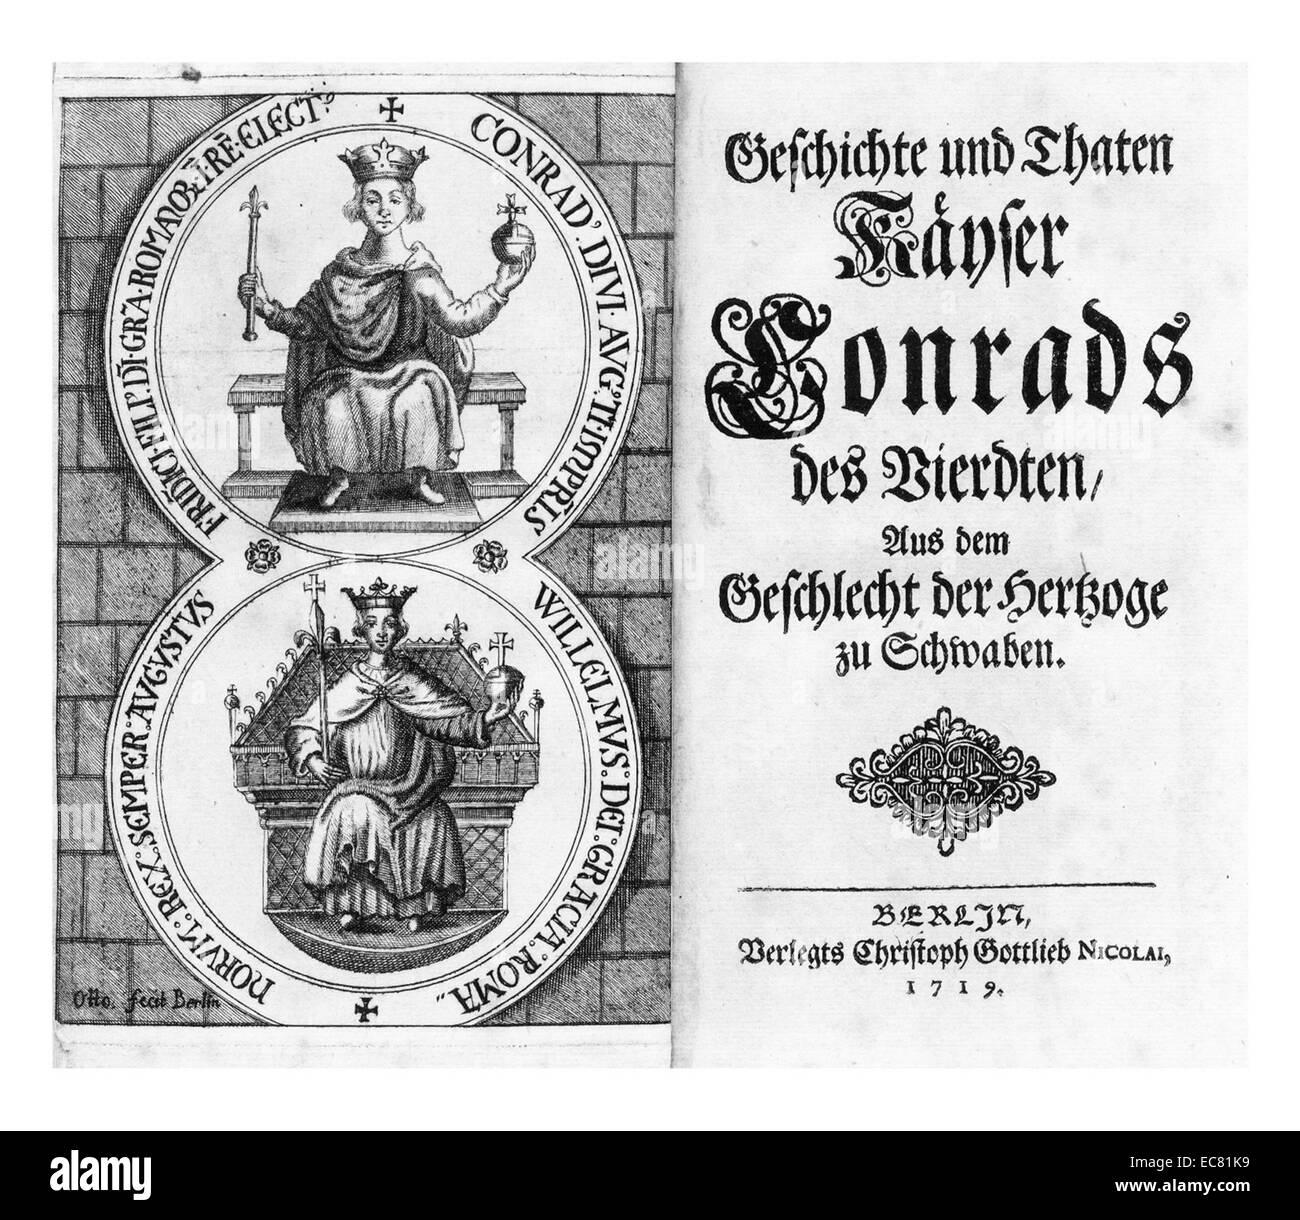 J P Gundling; la historia y los hechos del rey Conrado IV (1228 - 1254), duque de Suabia (1235-1246), Rey de Alemania Imagen De Stock